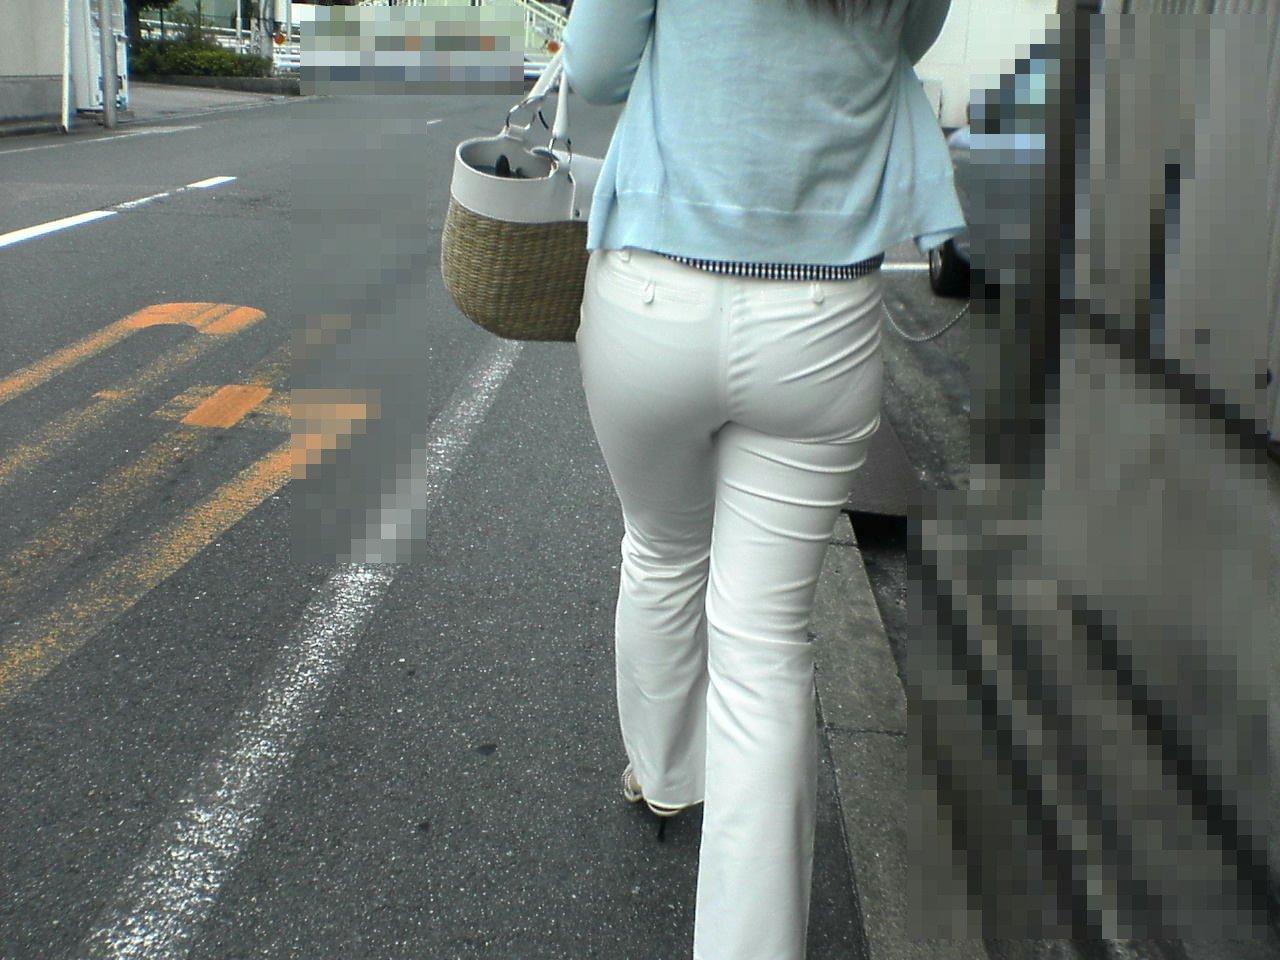 【着尻エロ画像】目を凝らさなくてもラインが…街の下着浮き着尻!(;´Д`)